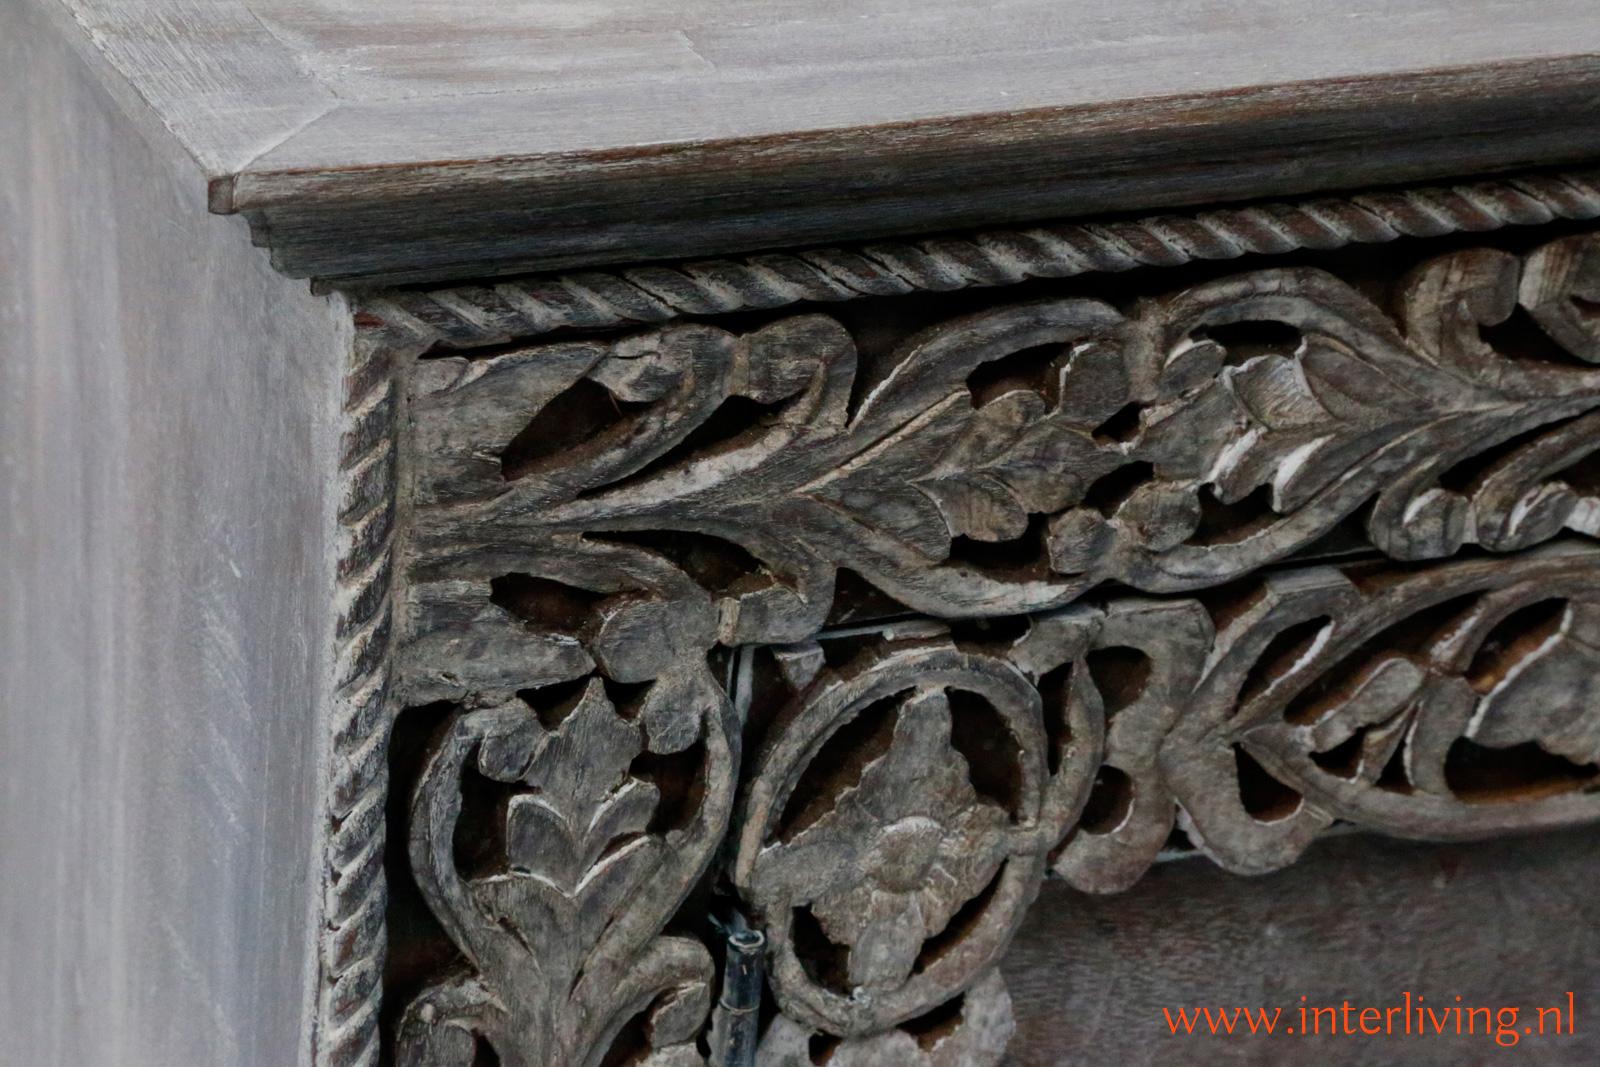 tvmeubel mangohout met twee deuren en houtsnijwerk - uniek tvdressior of tvmeubel uit India - handgemaakt